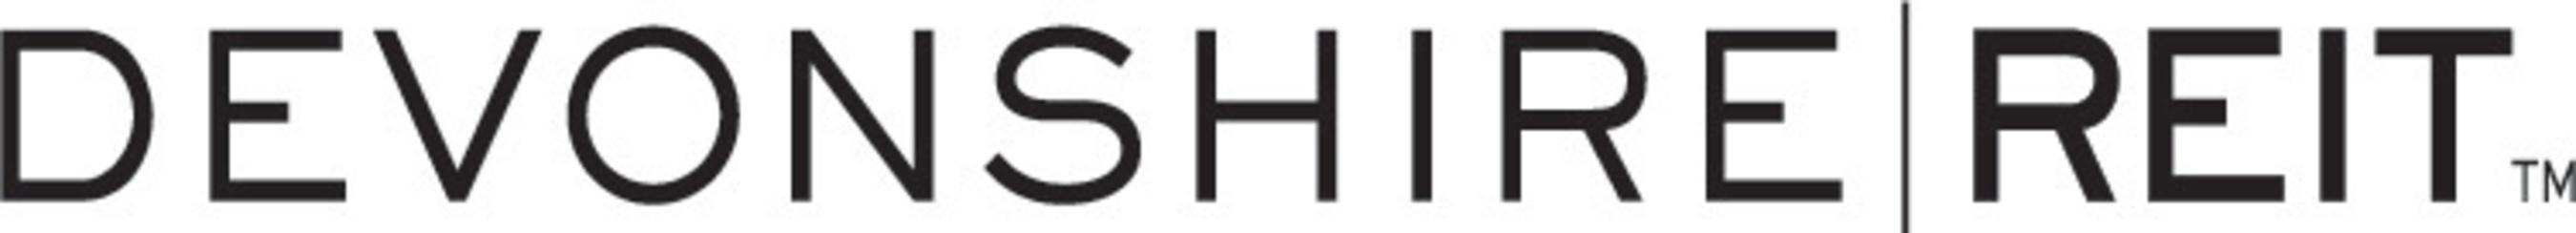 Devonshire REIT logo (PRNewsFoto/Devonshire REIT)